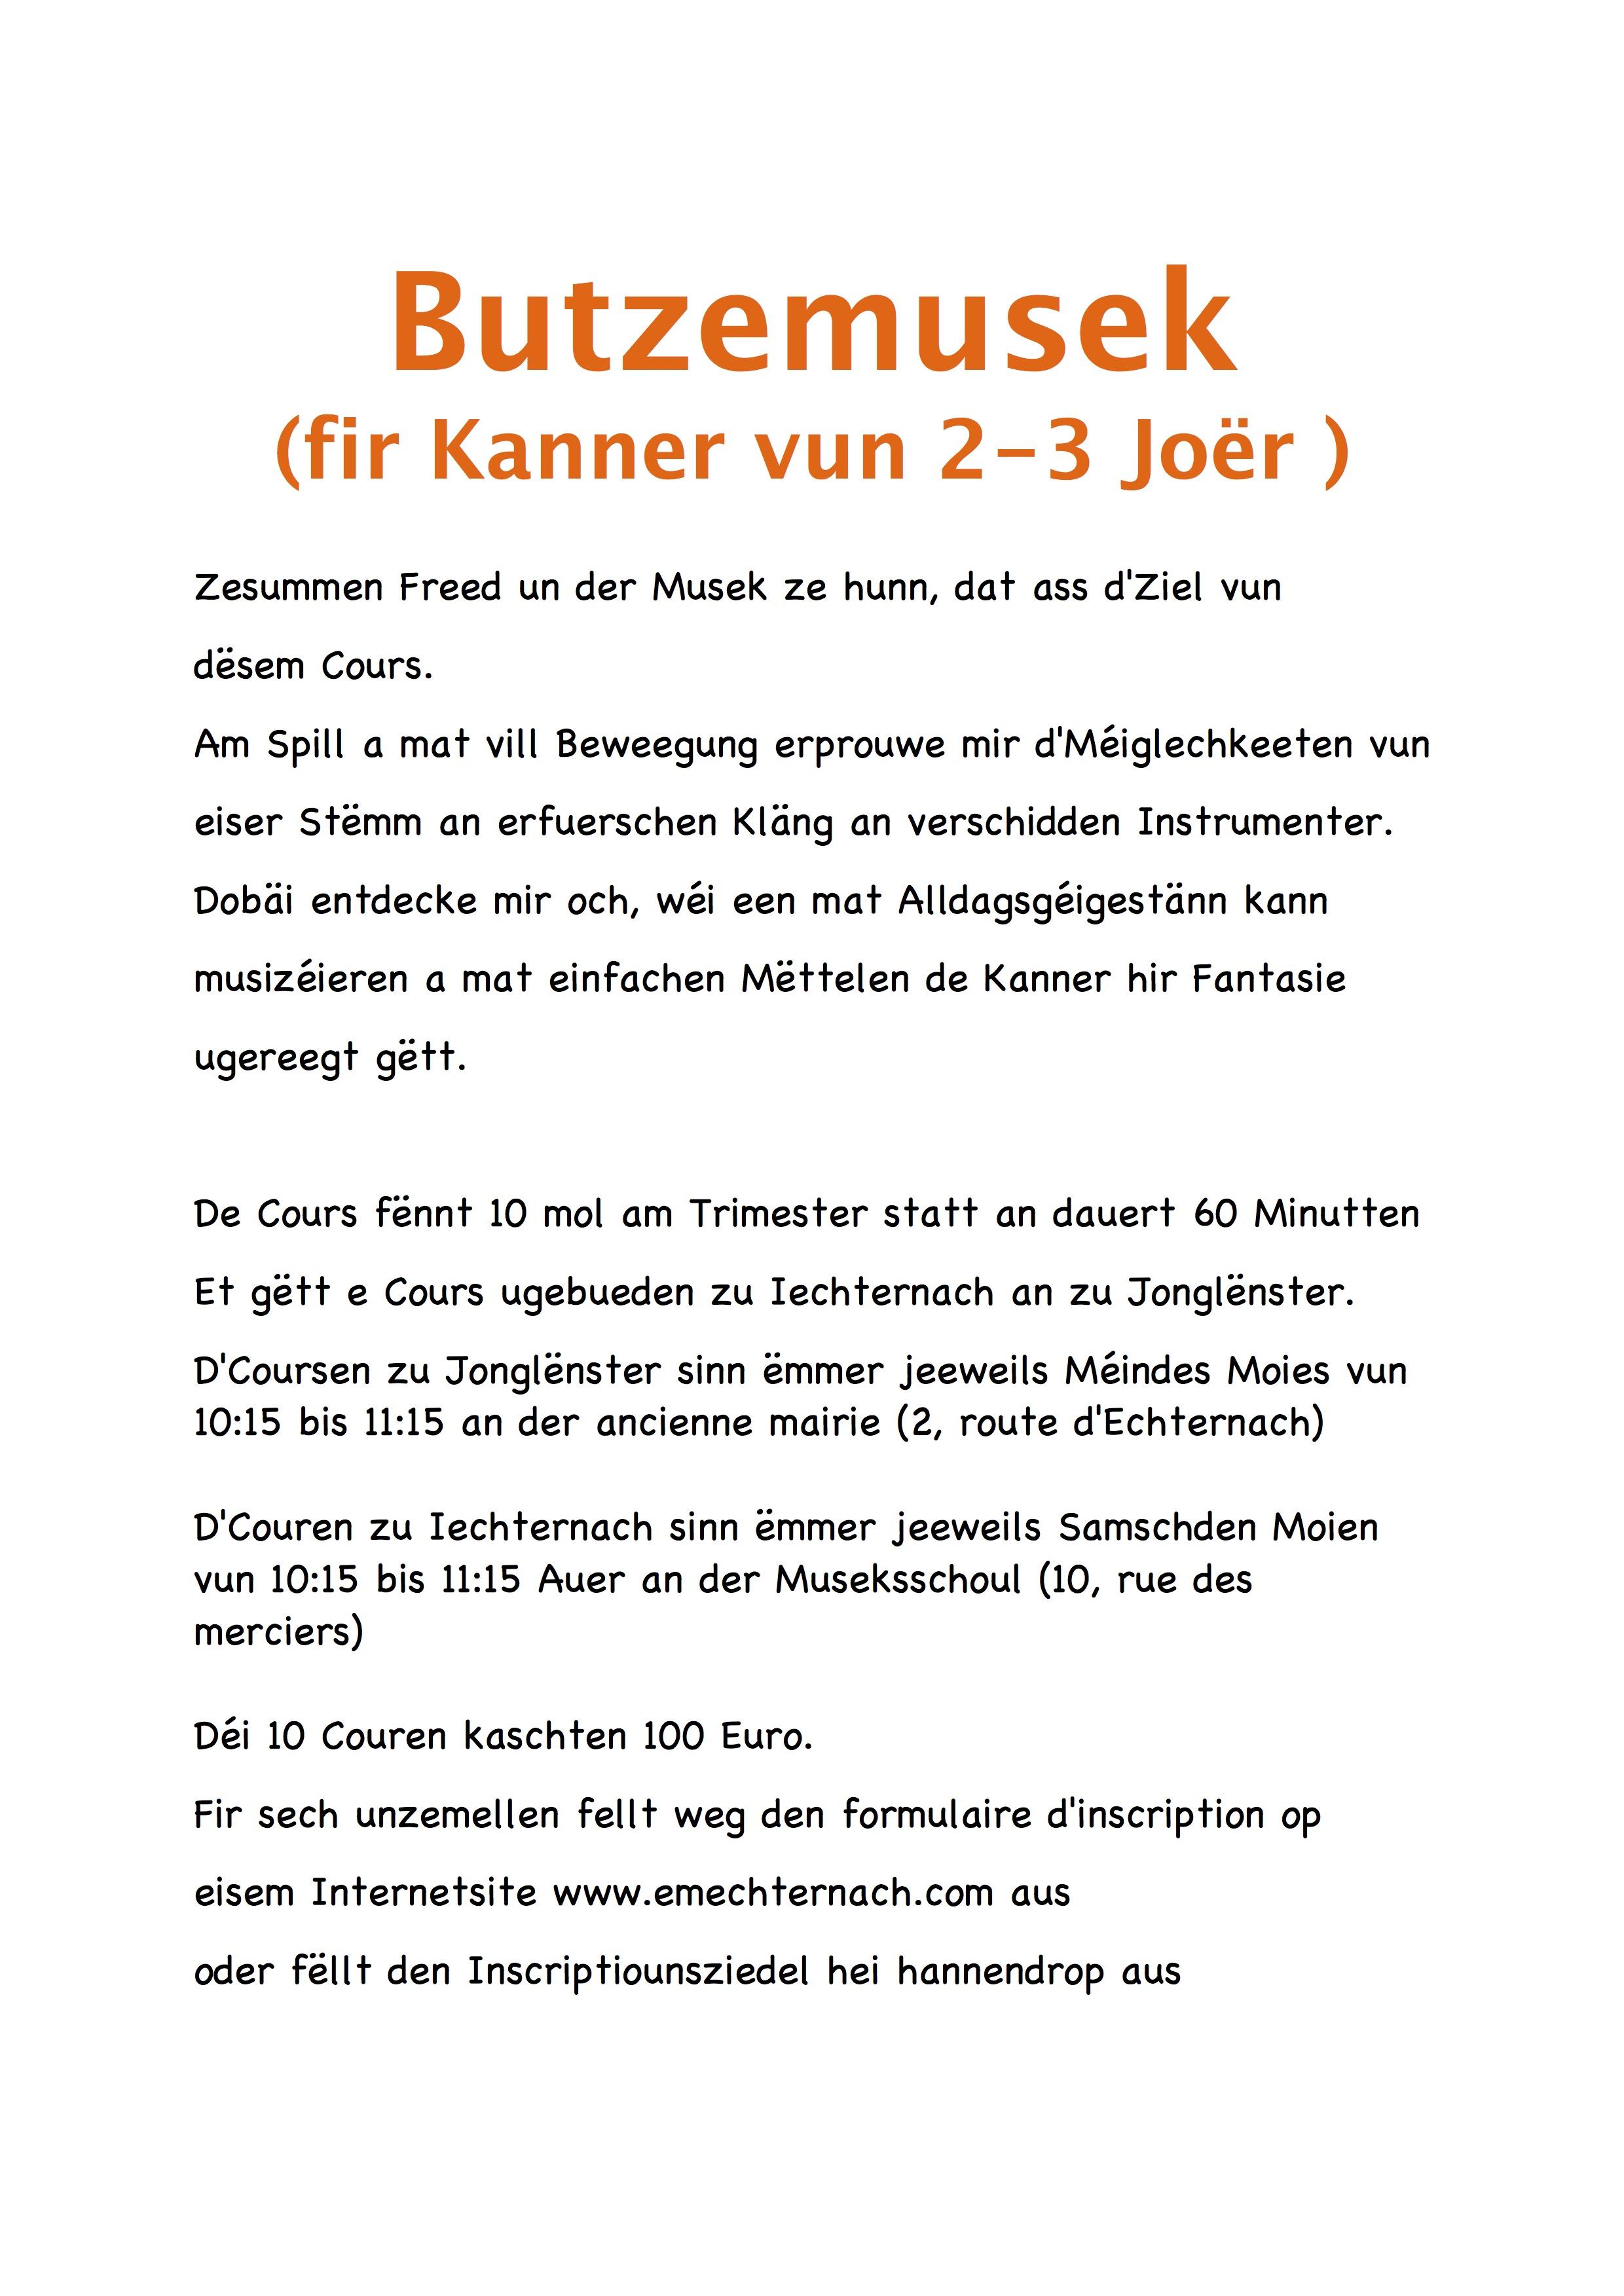 Butzemusek an Krabbelmusek Flyer copy 3